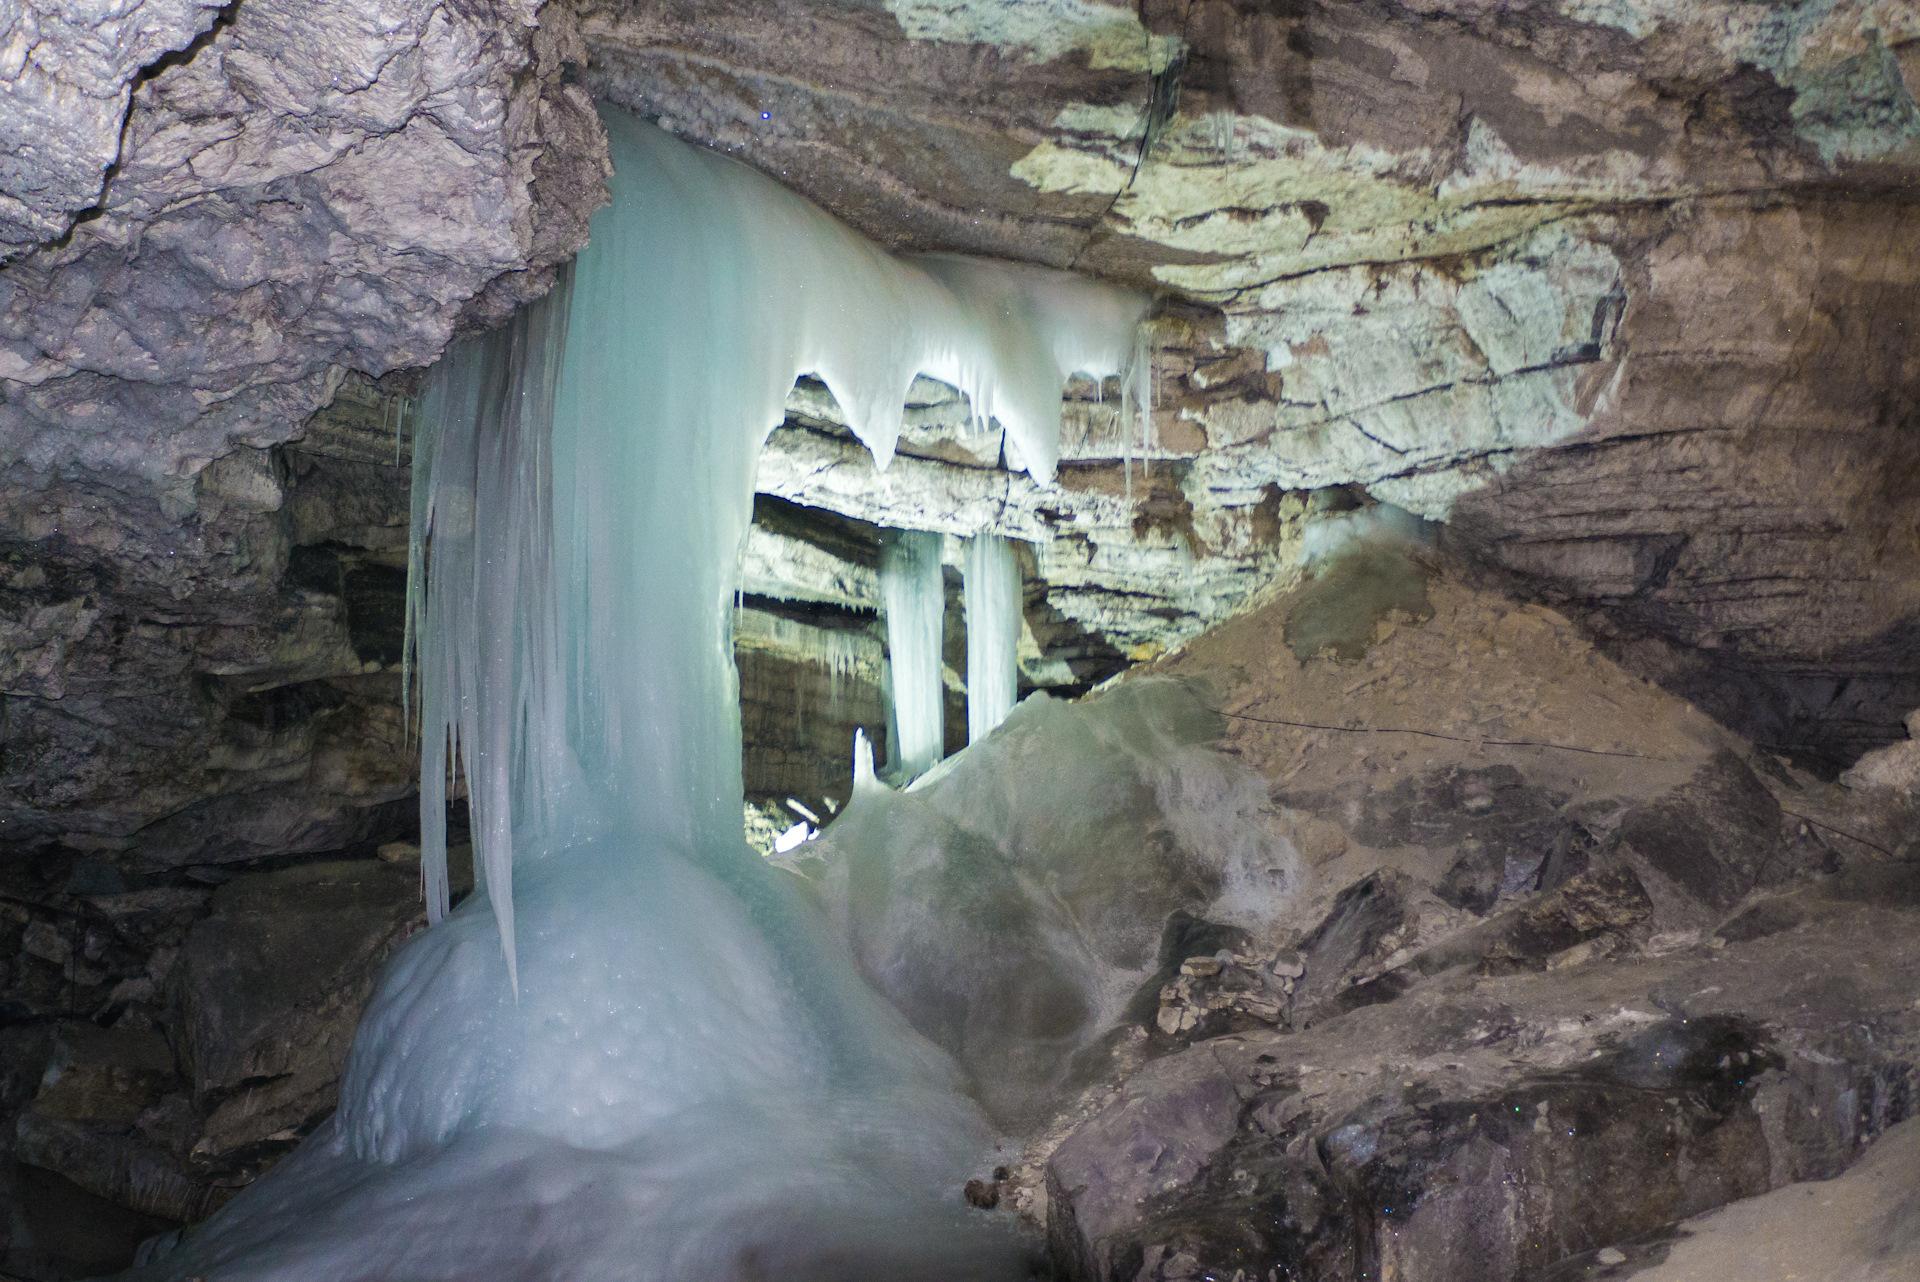 Видео кунгурская ледяная пещера, девушки кончают на съемках порно фильма